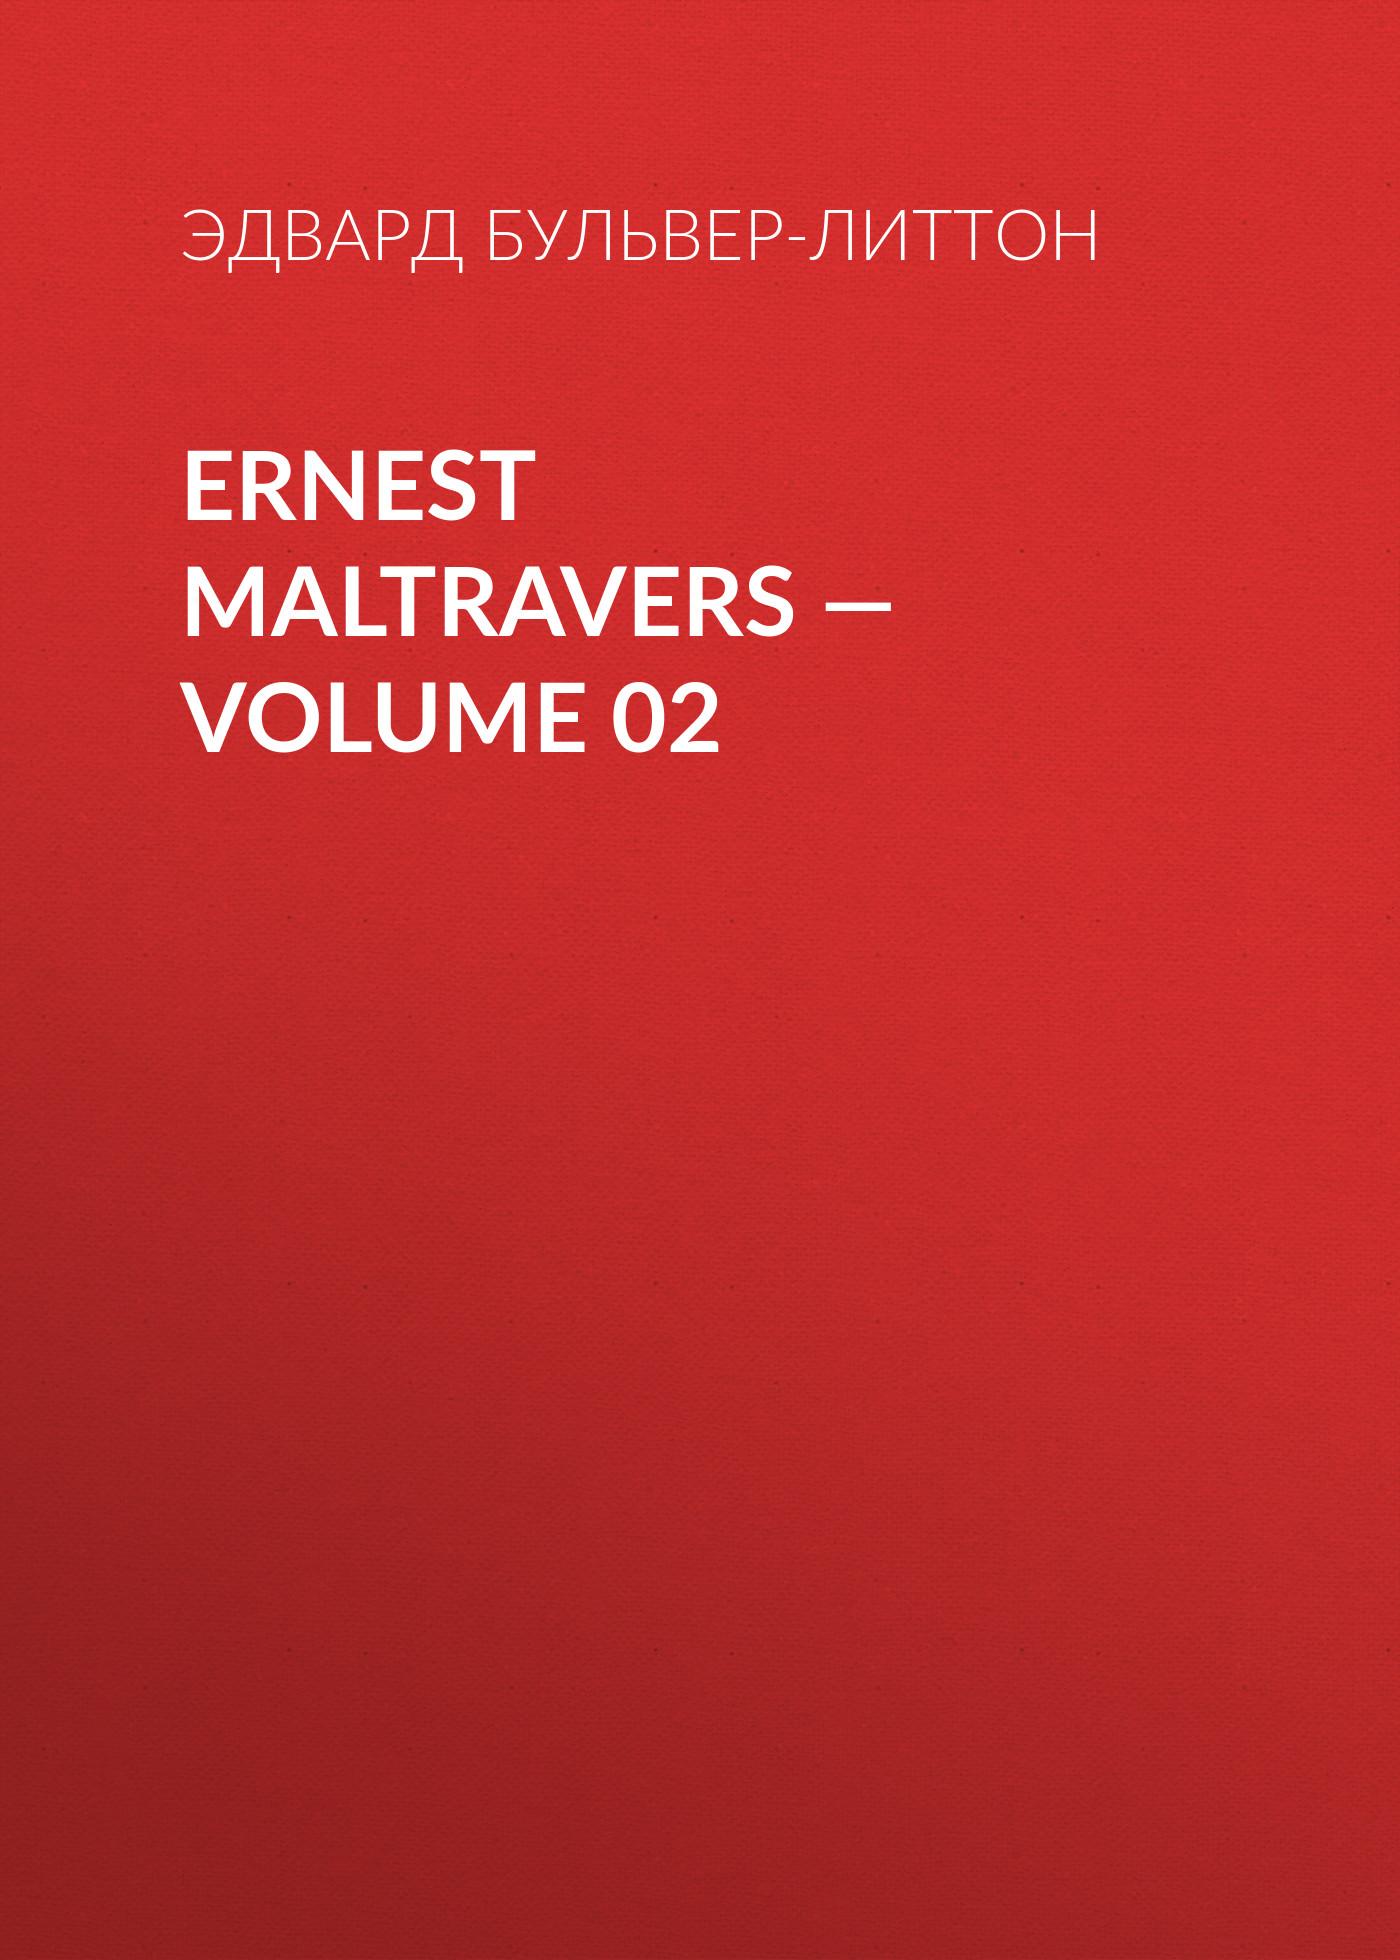 Эдвард Бульвер-Литтон Ernest Maltravers — Volume 02 эдвард бульвер литтон ernest maltravers volume 02